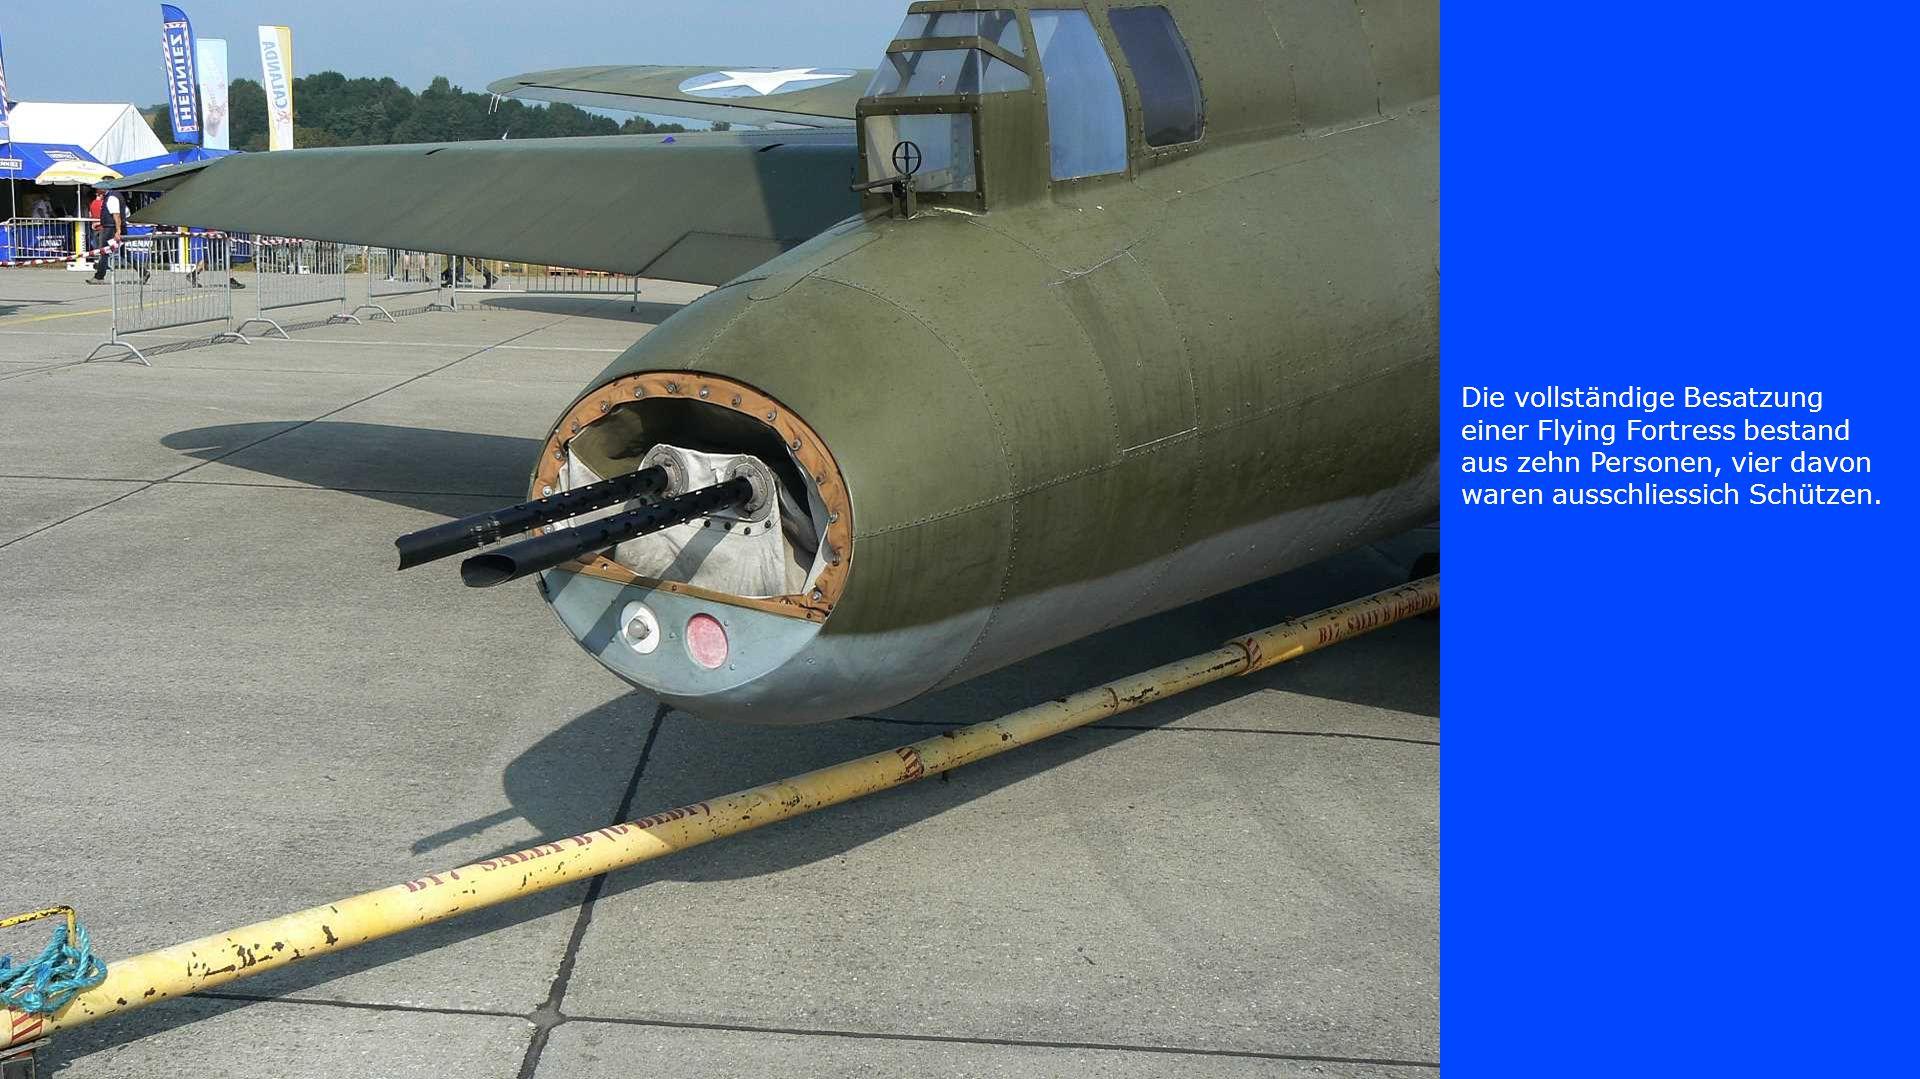 ETPS Testpilot Studenten werden routinemäßig Zugang zu einer breiten Palette von Flugzeugen gegeben.